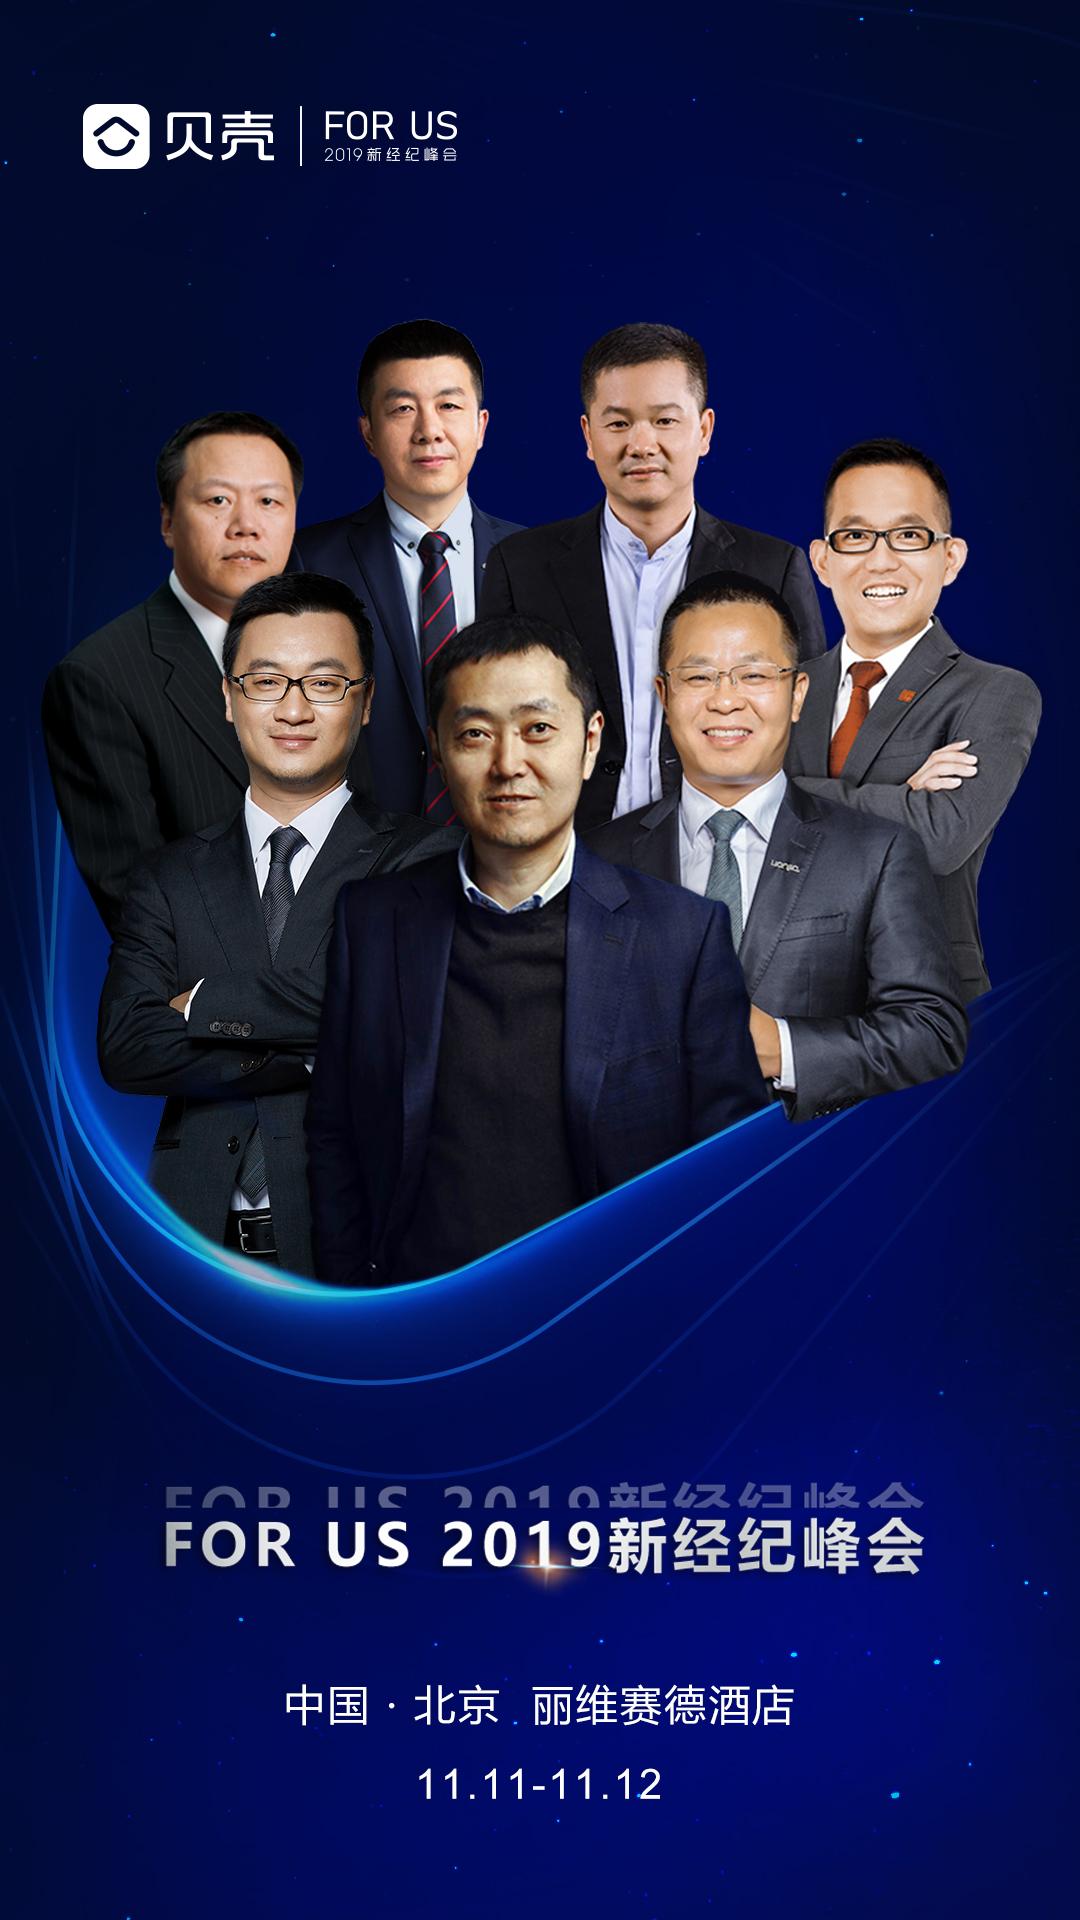 """2019新经纪峰会即将开幕 左晖、彭永东、卢航等大咖齐聚""""论道"""""""